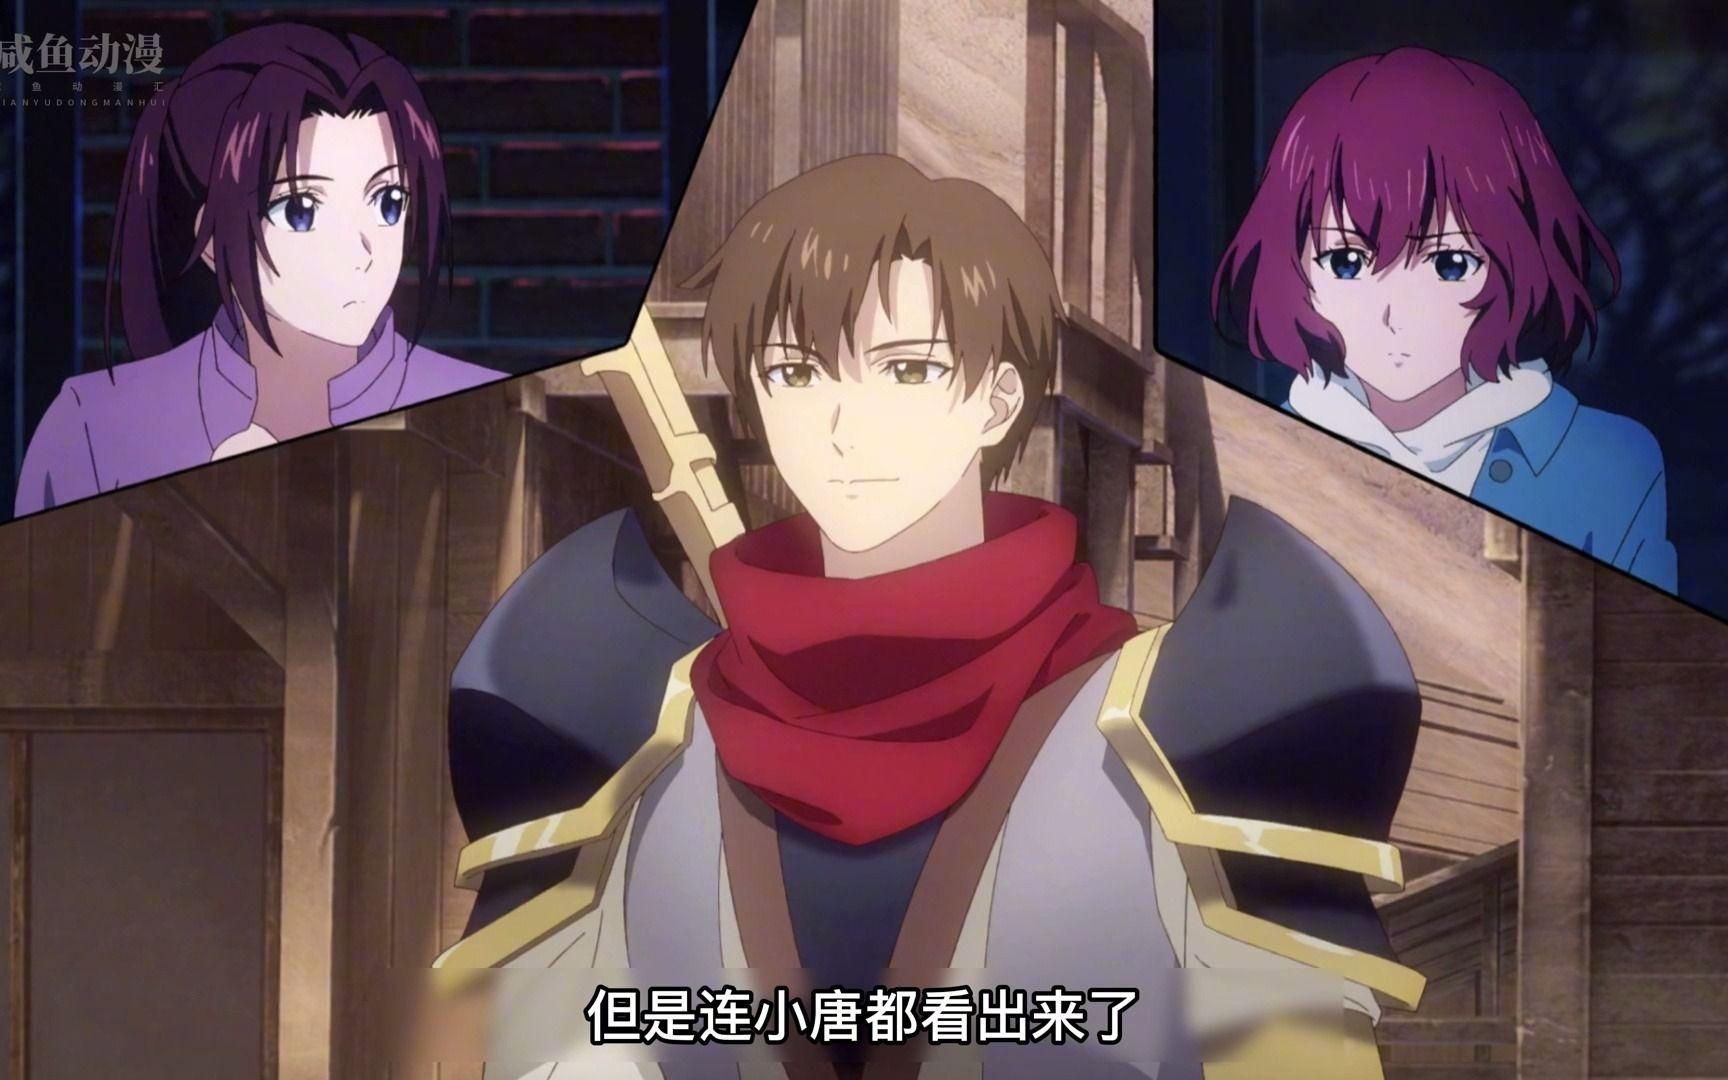 【全职高手】孙翔被击败,叶秋叫孙翔去玩超级玛丽,说荣耀不适合他